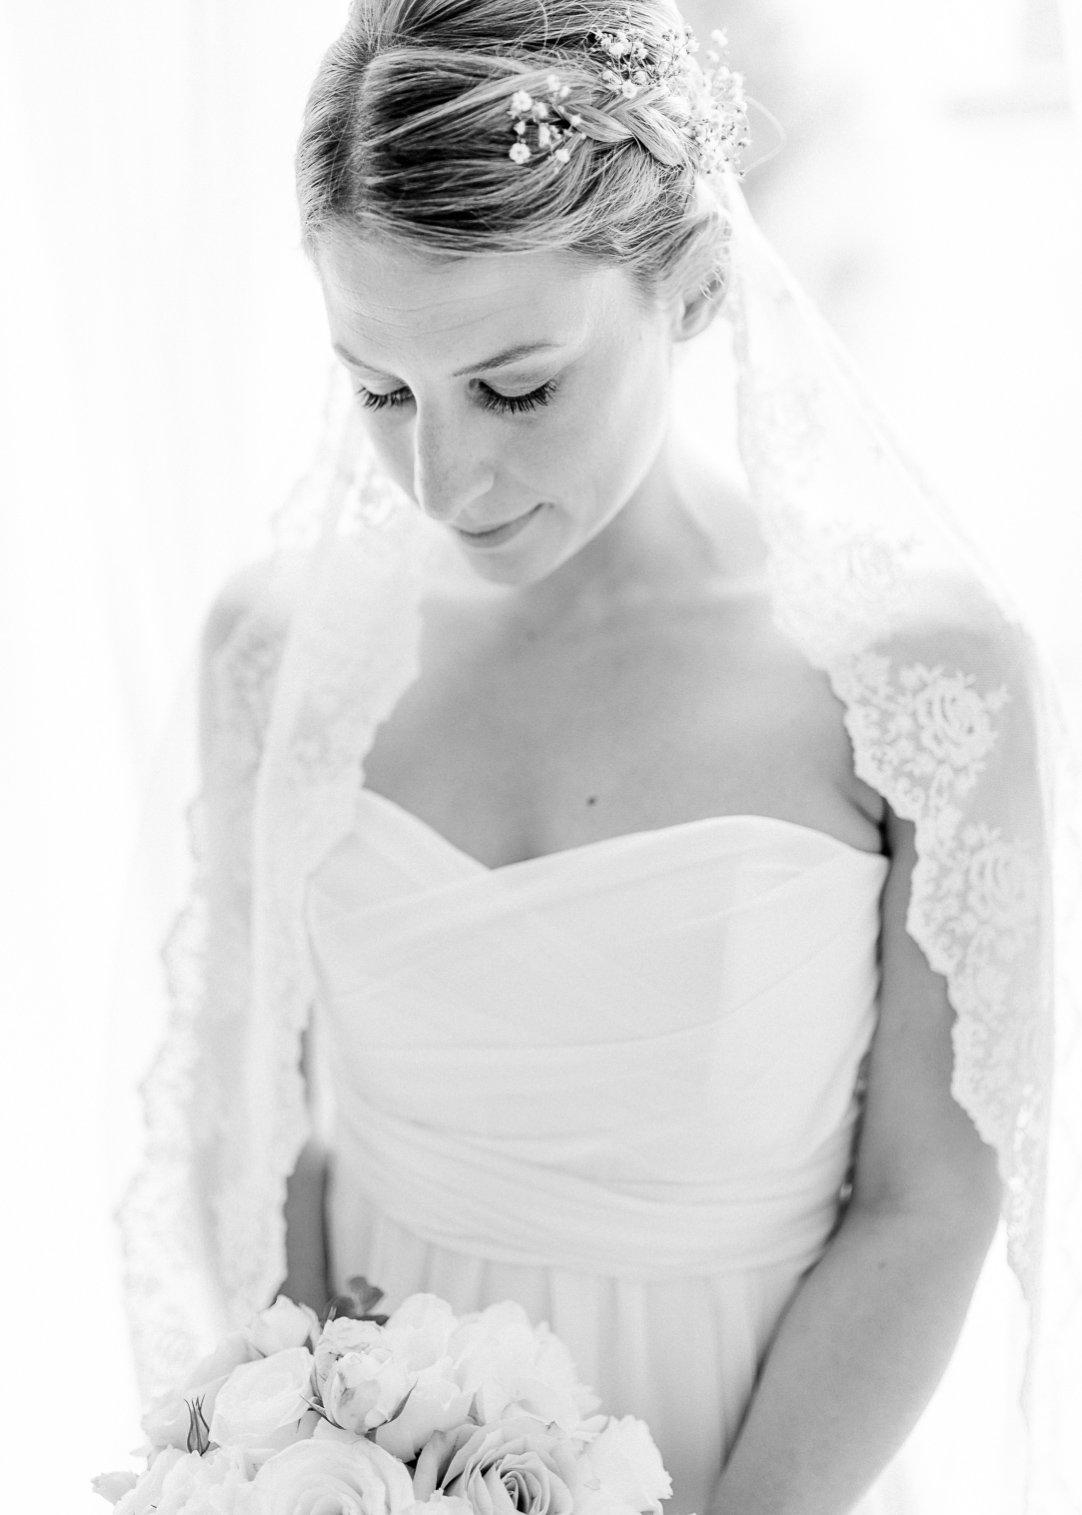 jungundwild-wedding-munich-kuf-vespa-0017